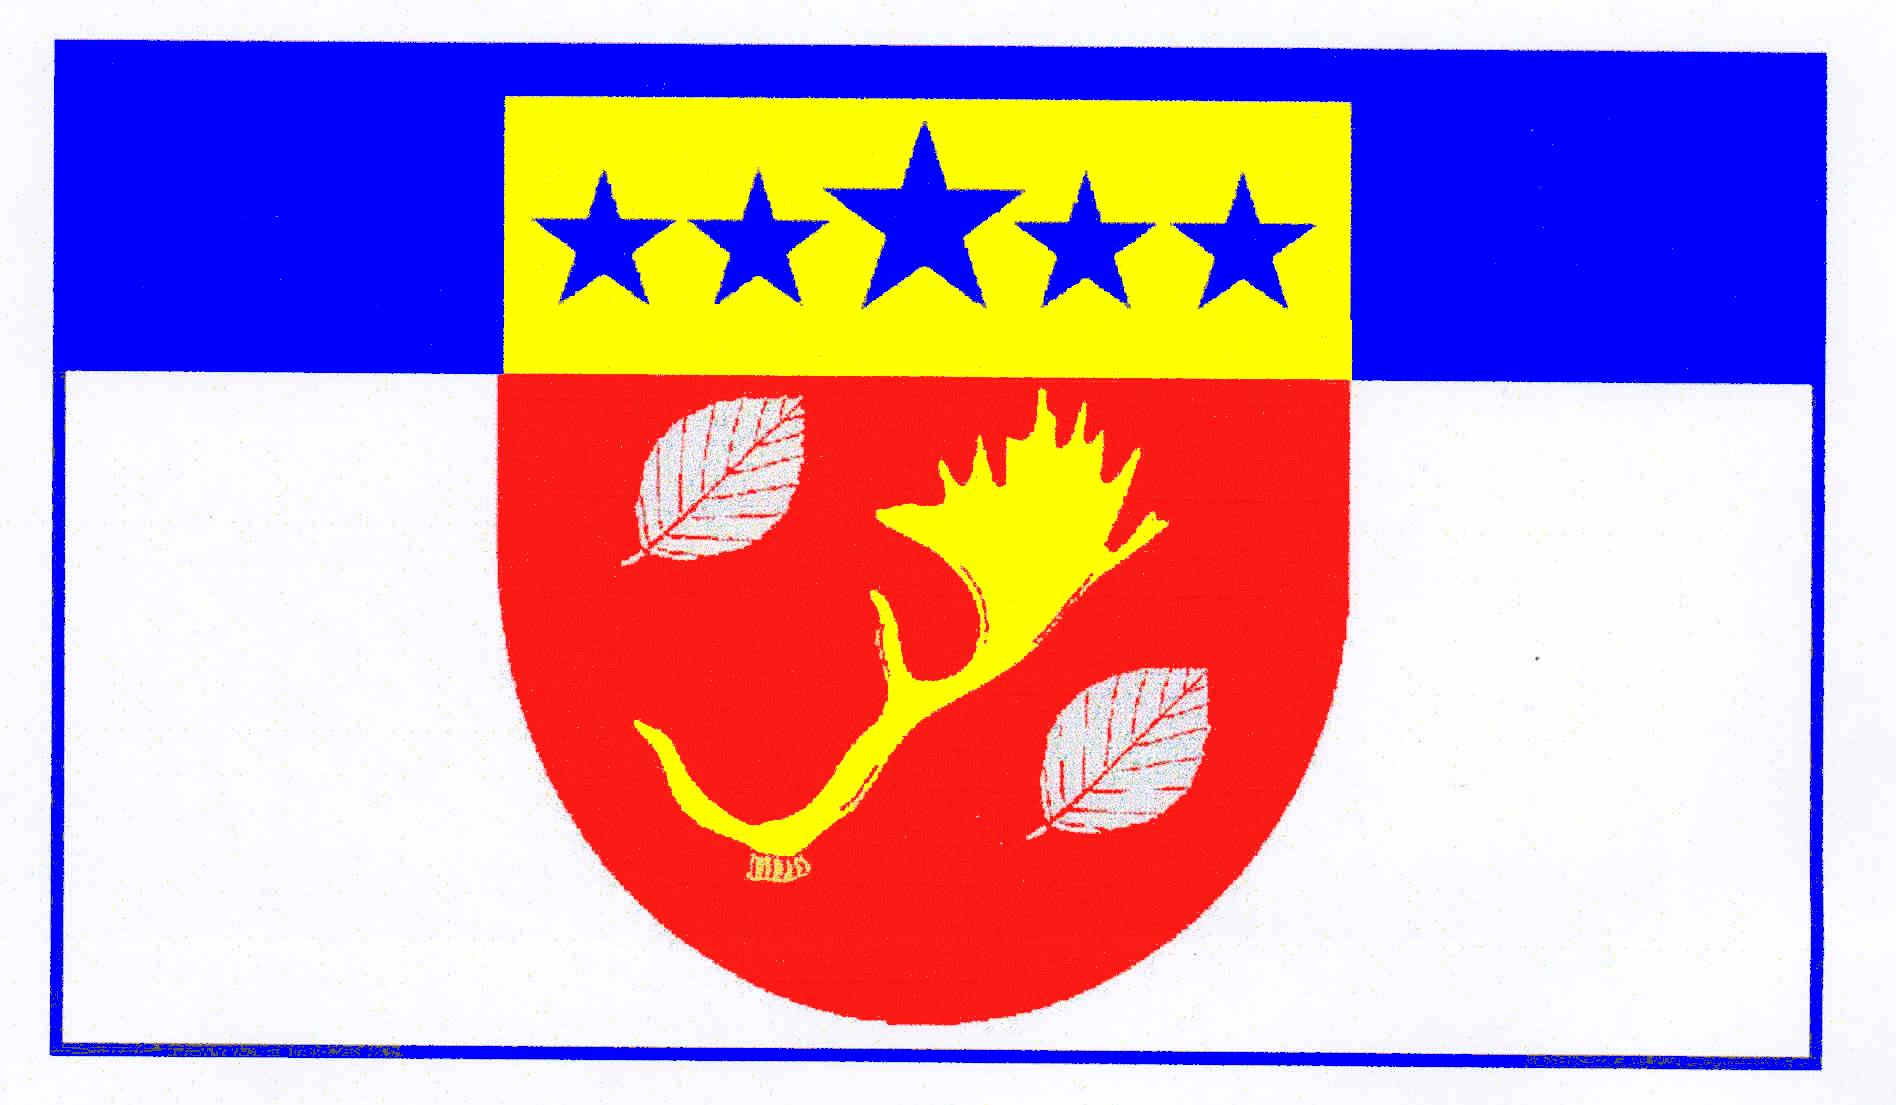 Flagge GemeindeManhagen, Kreis Ostholstein